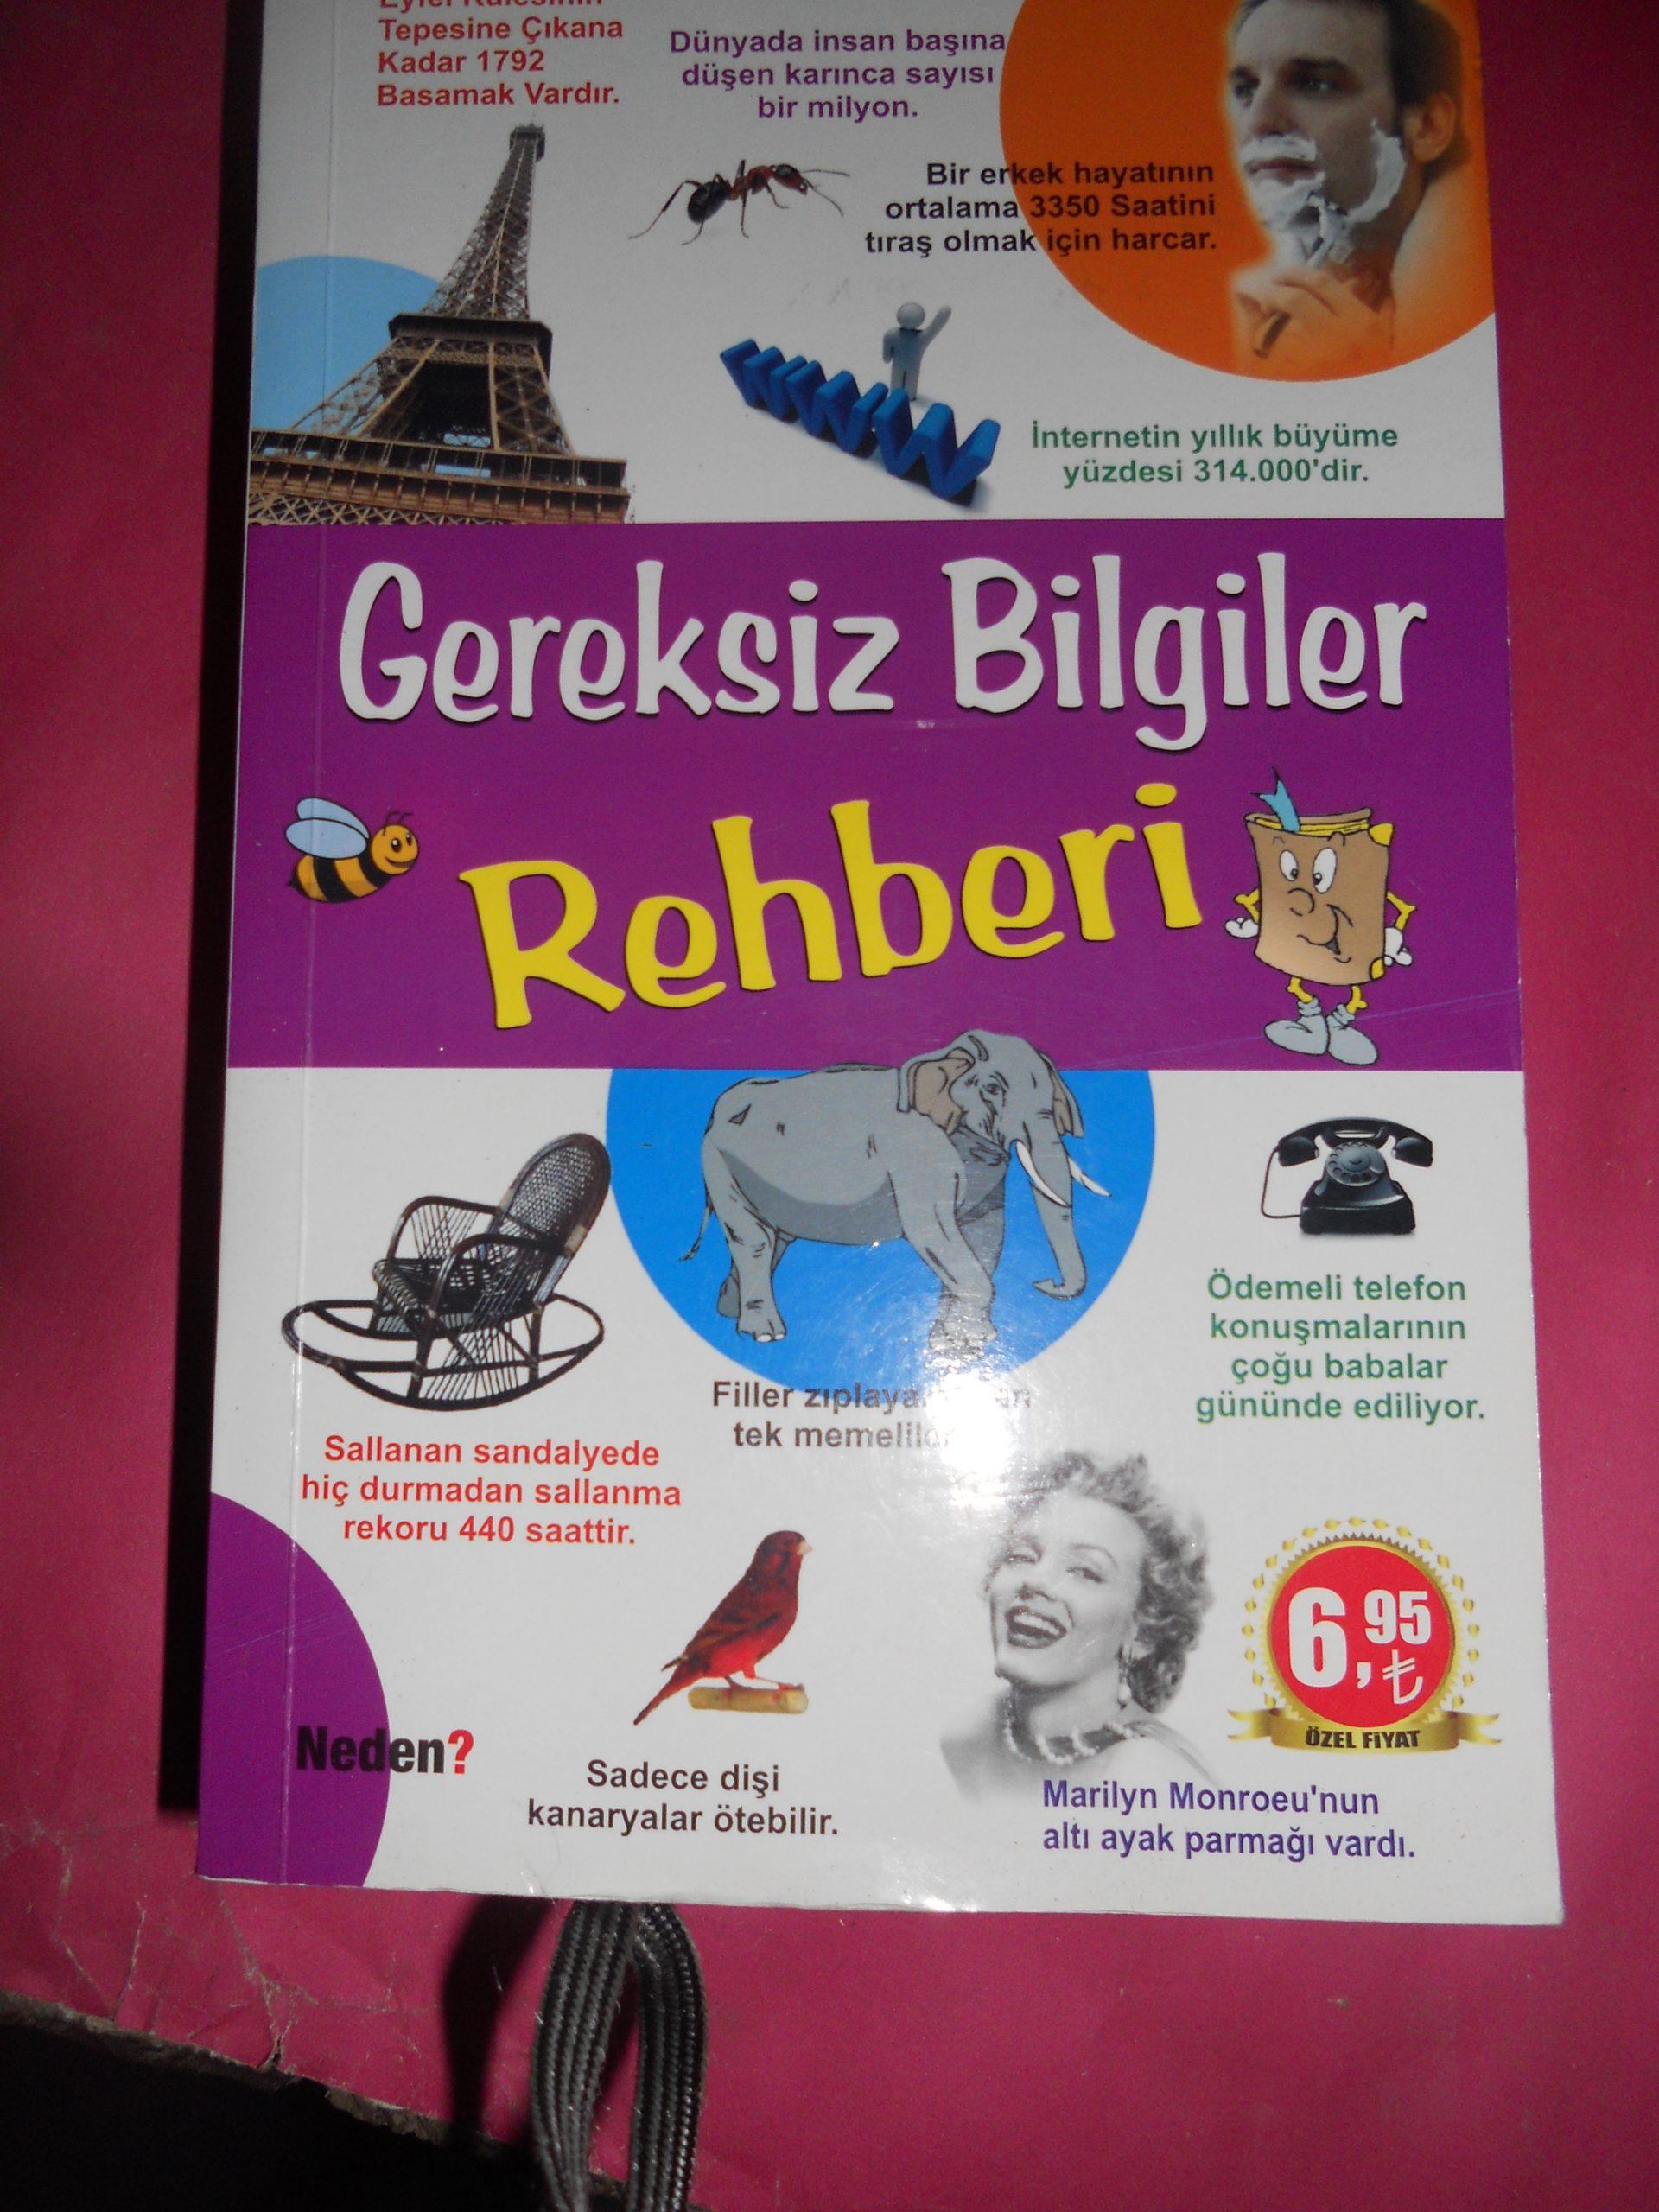 GEREKSİZ BİLGİLER REHBERİ/Zeki KANMAZ/10 TL